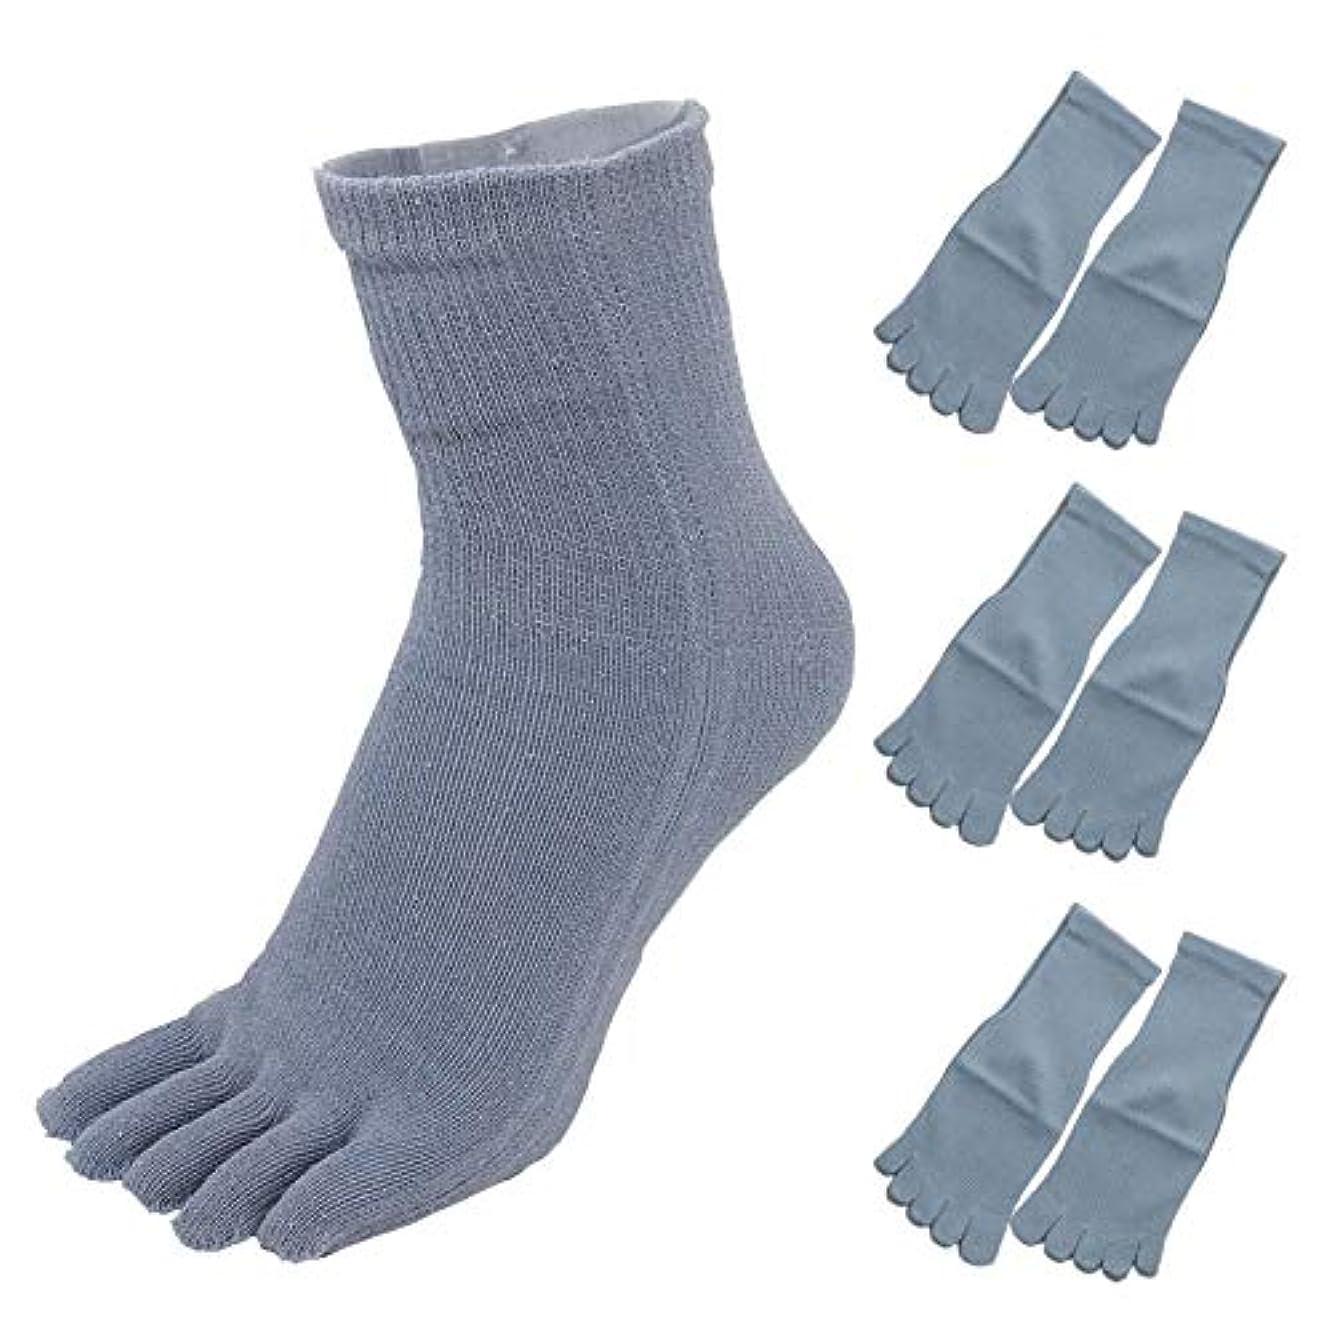 心理的に振るアルカトラズ島USK STORE レディース シルク混 絹 5本指 ソックス 3足組 重ね履き用 靴下 保温 抗菌 通気性バツグン (ブルーグレー)